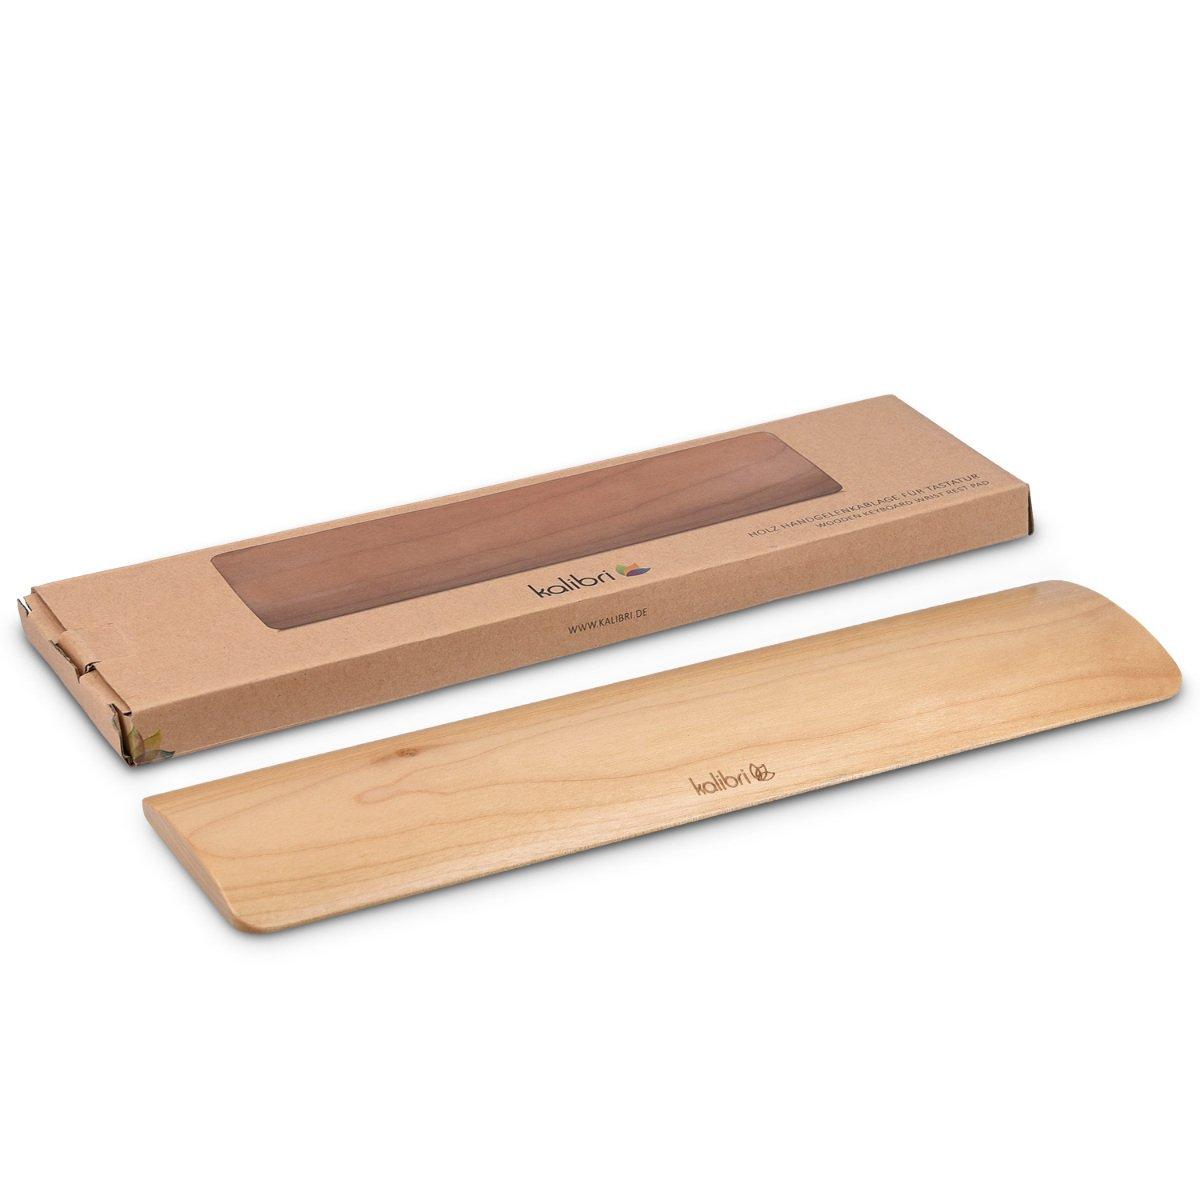 kalibri poggiapolsi ergonomico per tastiera pc - poggiapolso in legno supporto poggia polso keyboard base sostegno polsi - comfort pad - acero KW-Commerce 40179.24.2_m000442